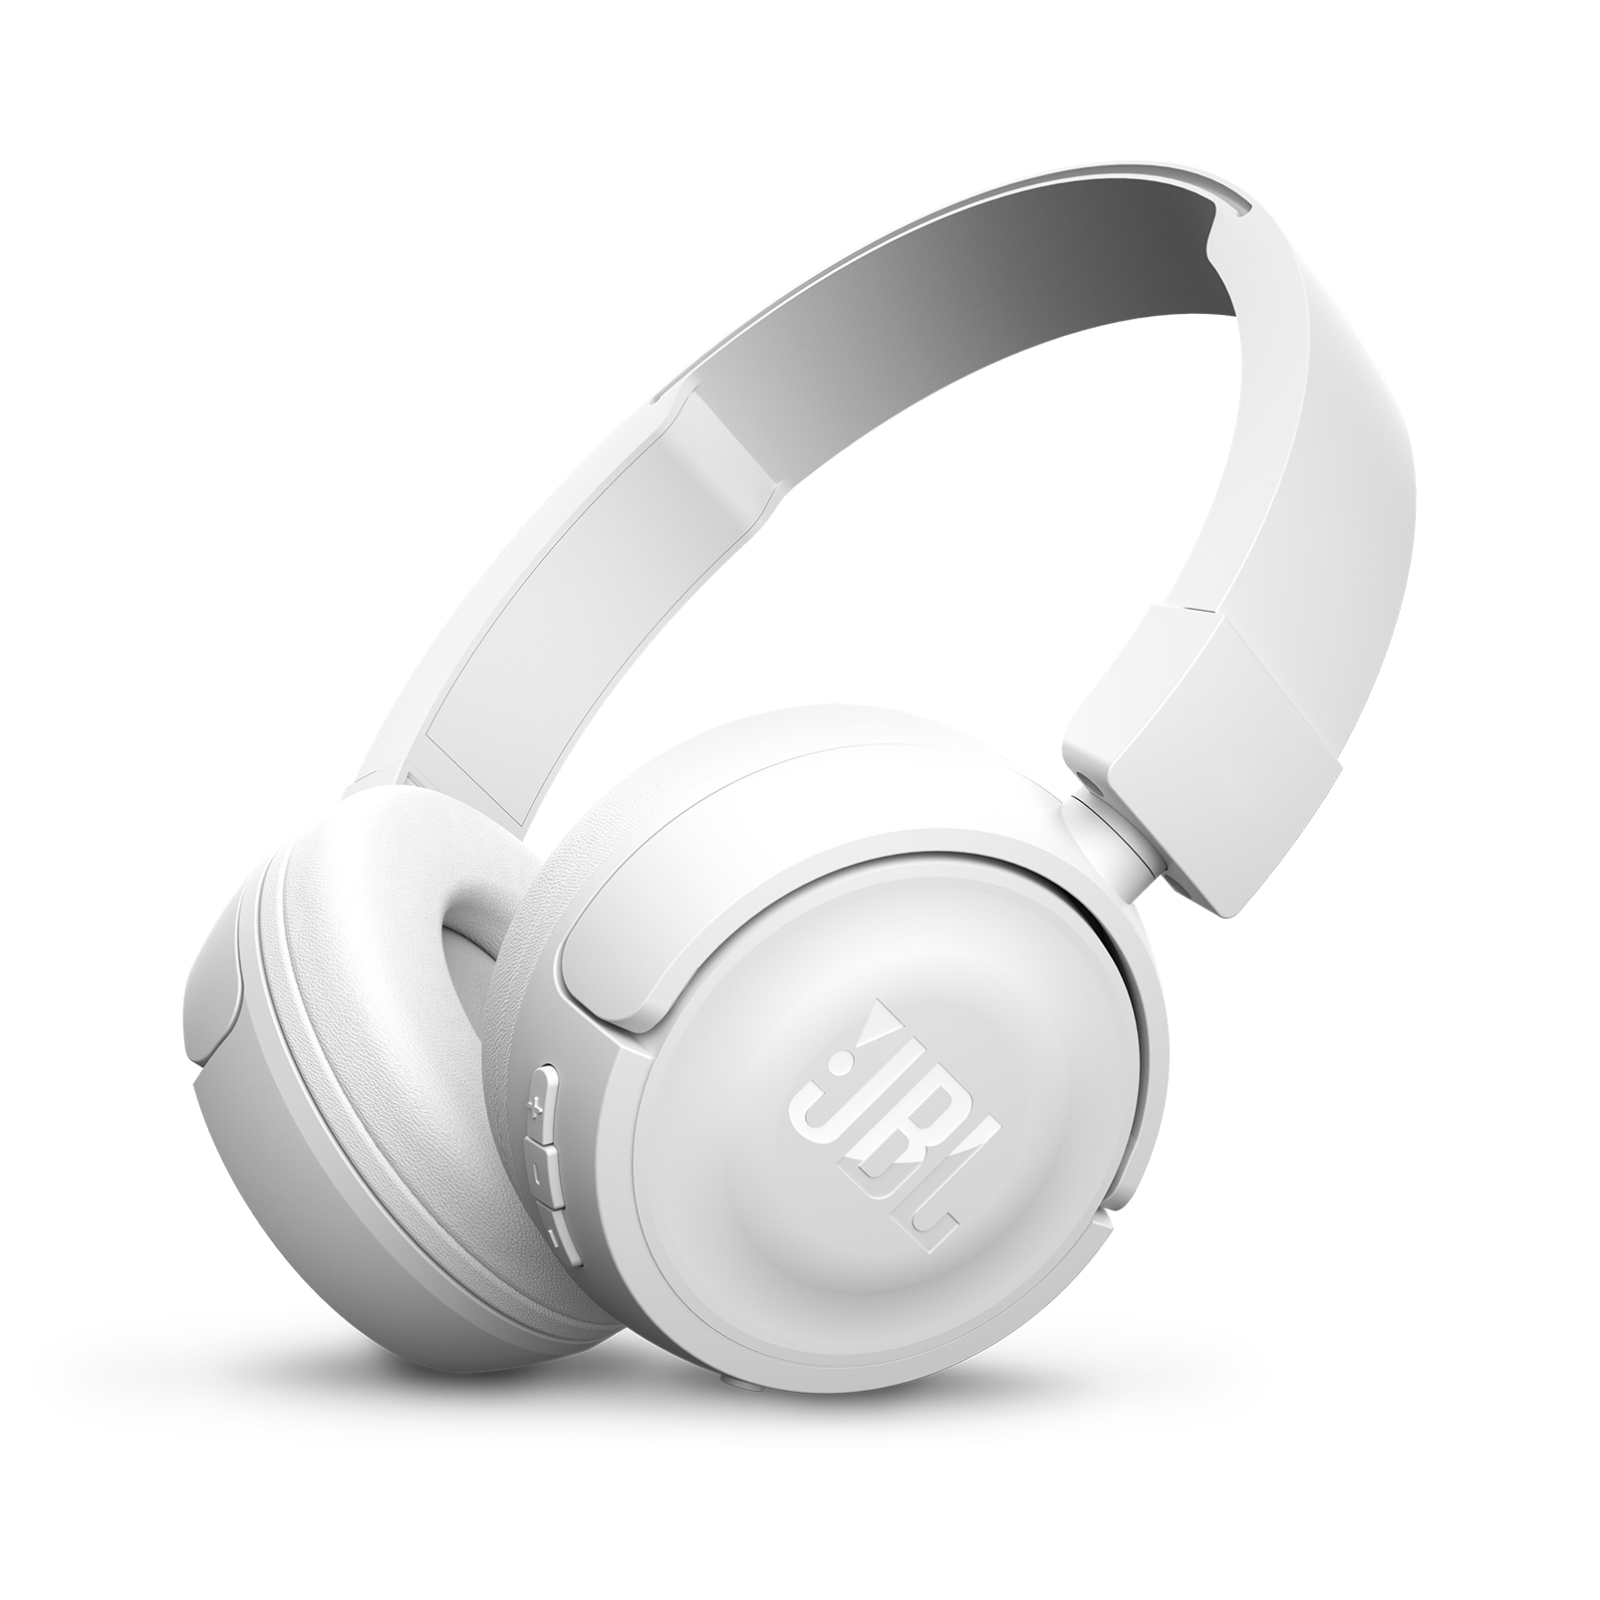 JBL T450BT - On Ear Wireless Bluetooth Headphones